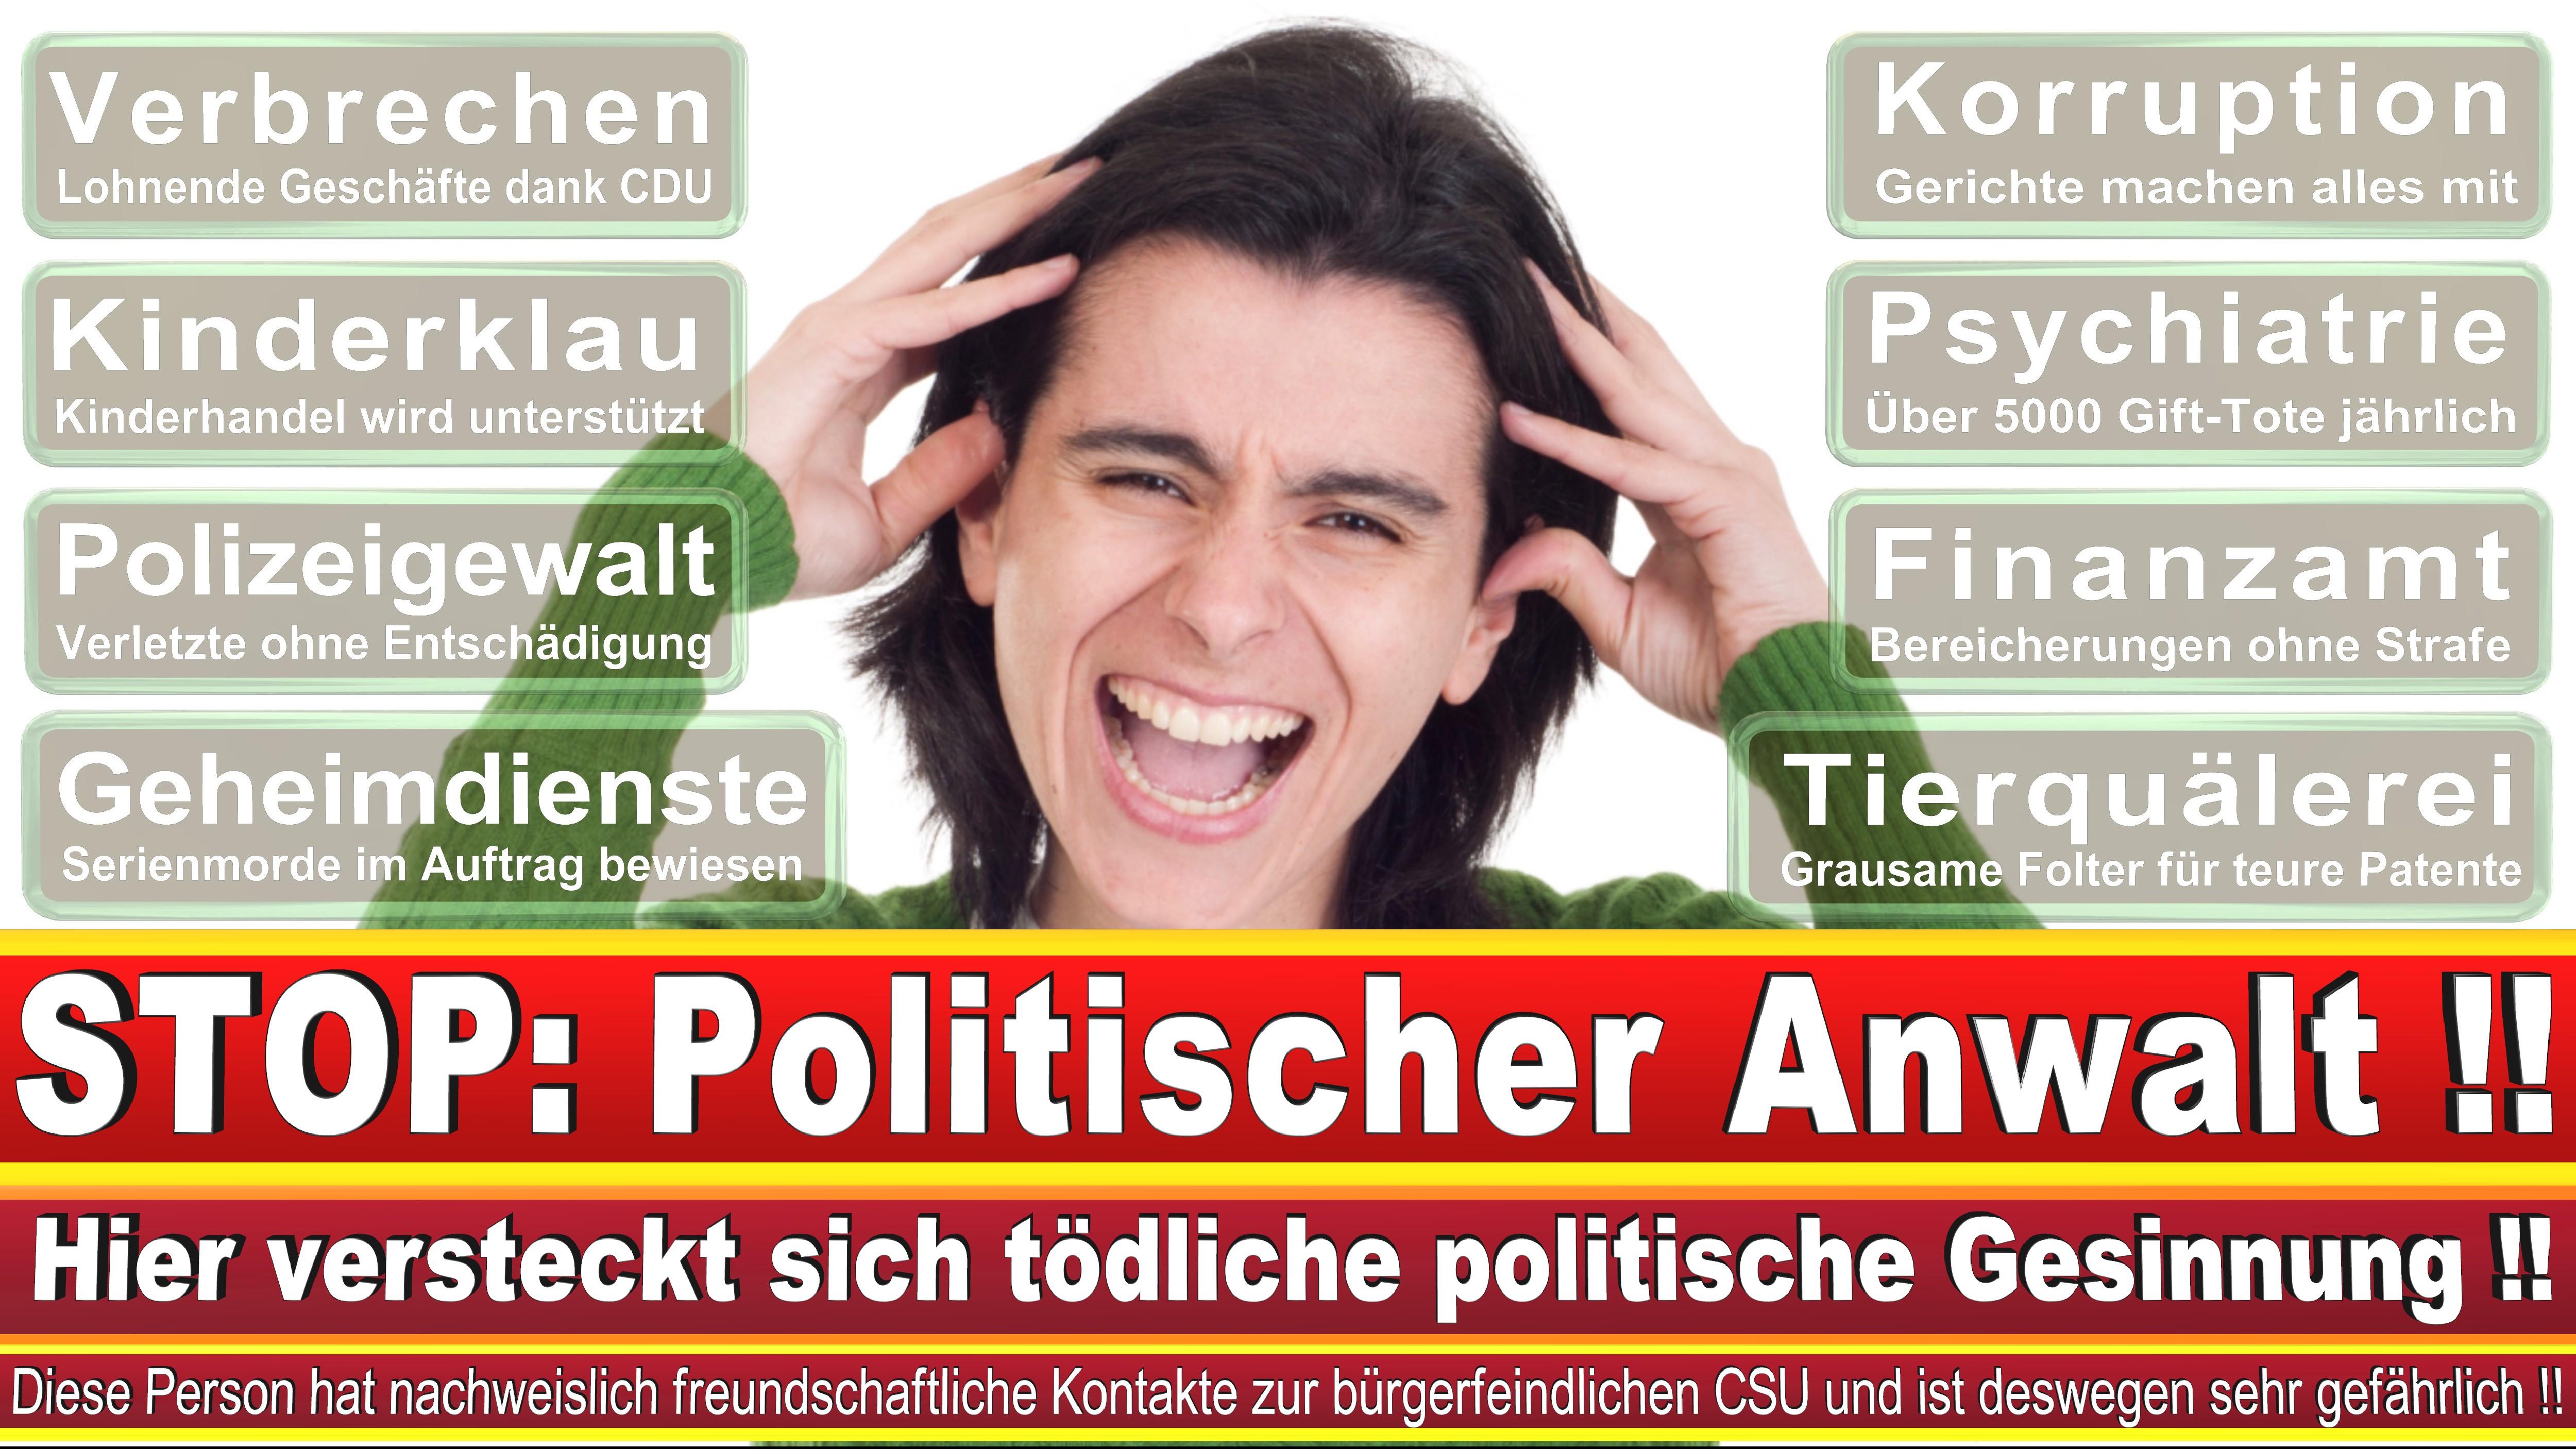 Rechtsanwalt Eric H Glattfeld München Rechtsanwalt Wirtschaftsmediator Senior Manager PwC Legal AG Rechtsanwaltsgesellschaft 1